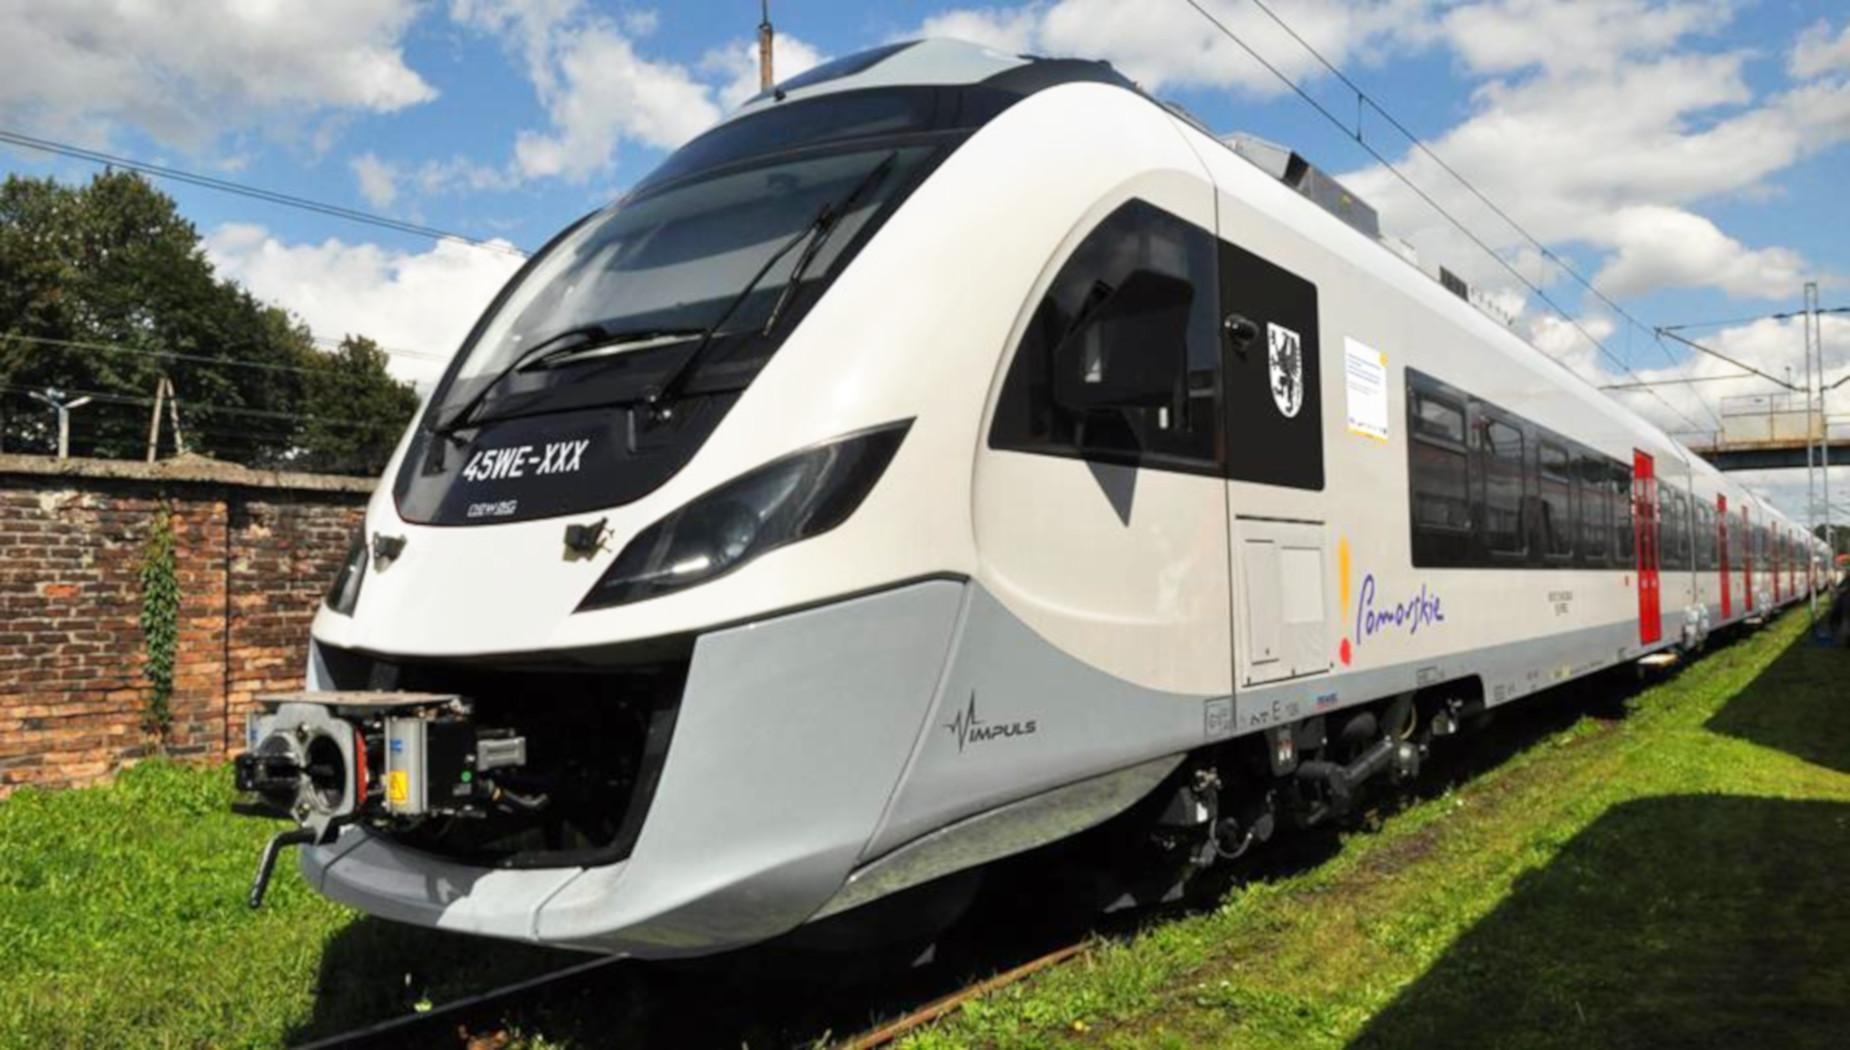 Nowe pociągi elektryczne coraz bliżej. Impulsy przyjadą jeszcze w tym roku. Umowa z producentem podpisana